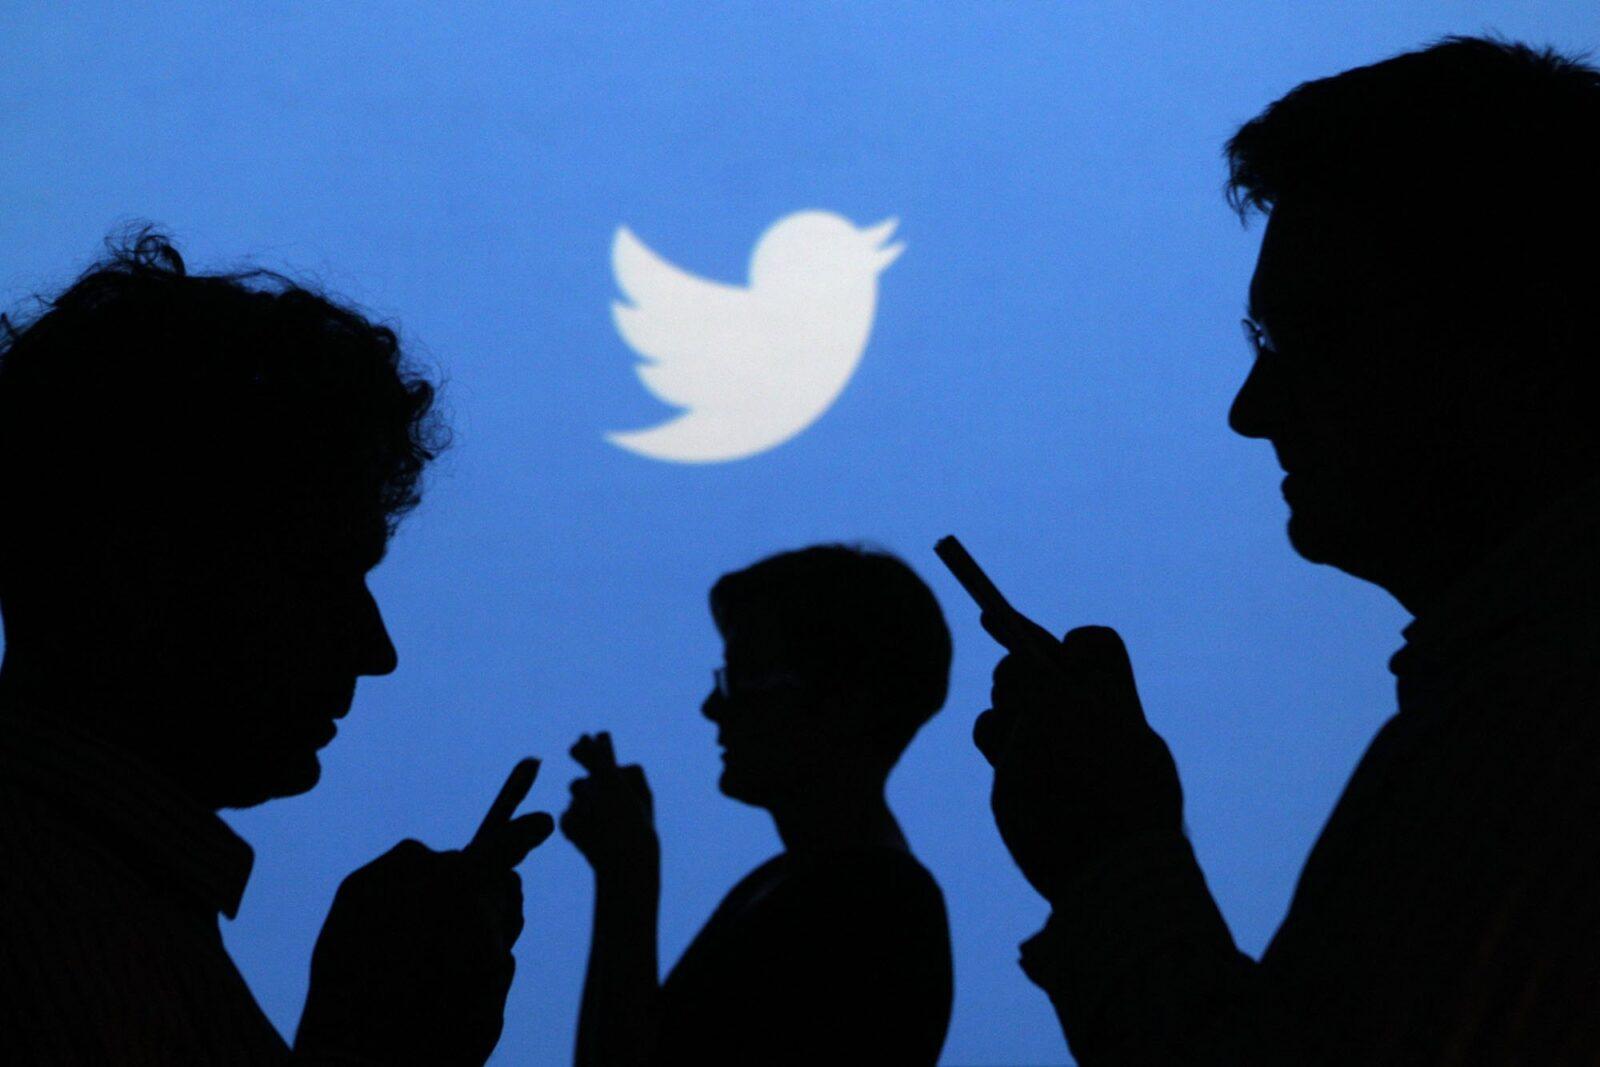 Twitter'da 140 Karakter Sınırı Kalkıyor